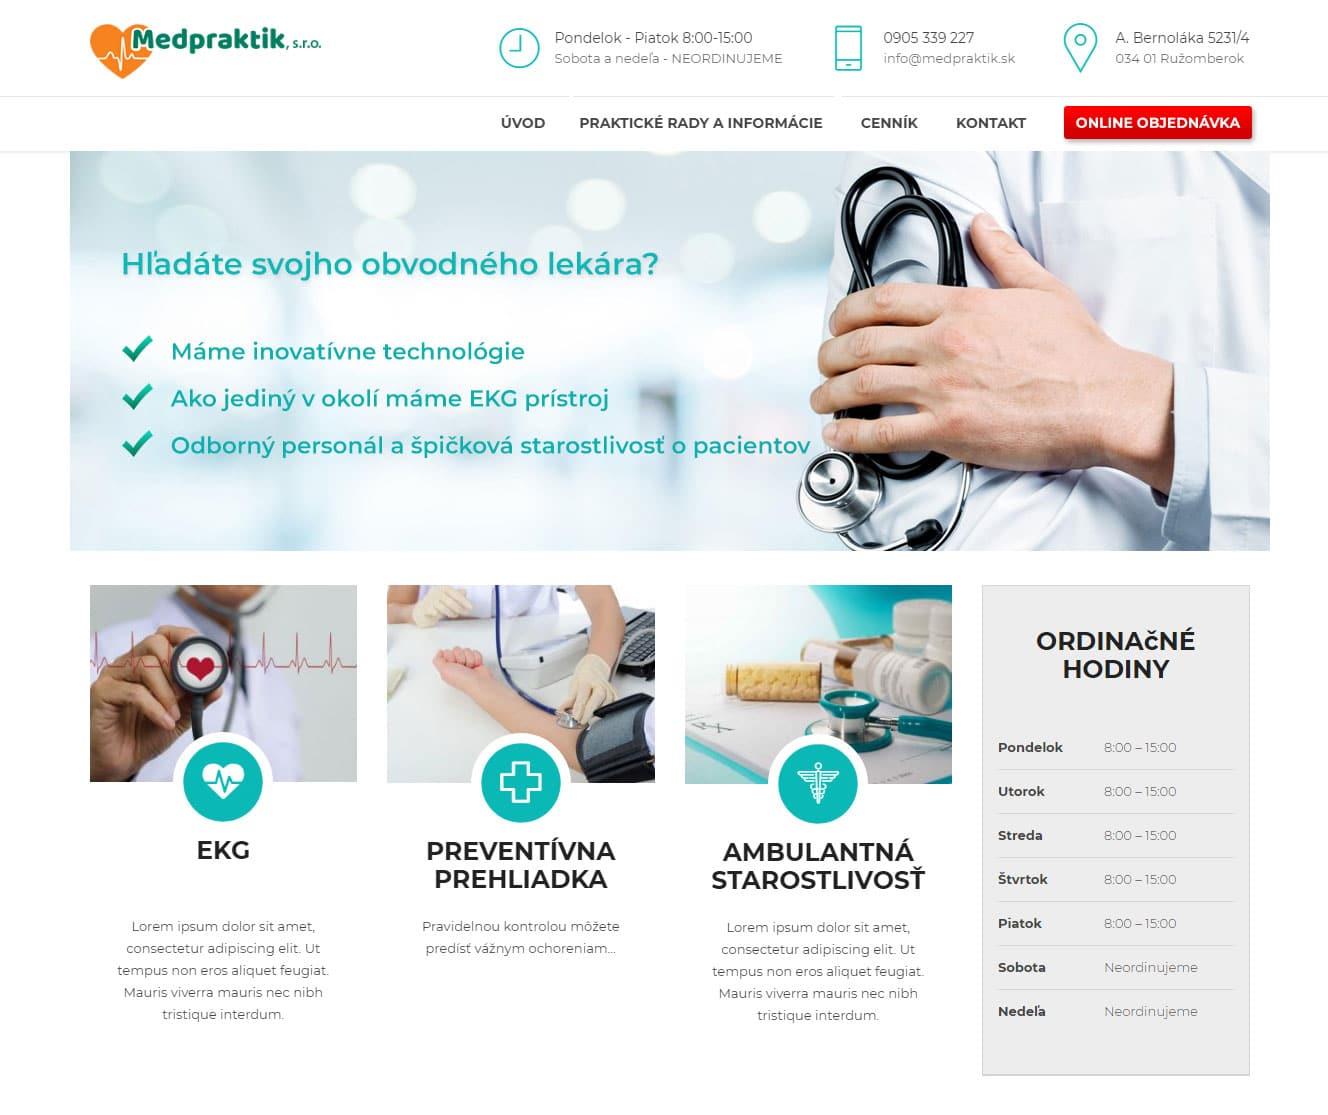 Tvorba web stránok, tvorba eshopu, SEO optimalizácia - www.medpraktik.sk